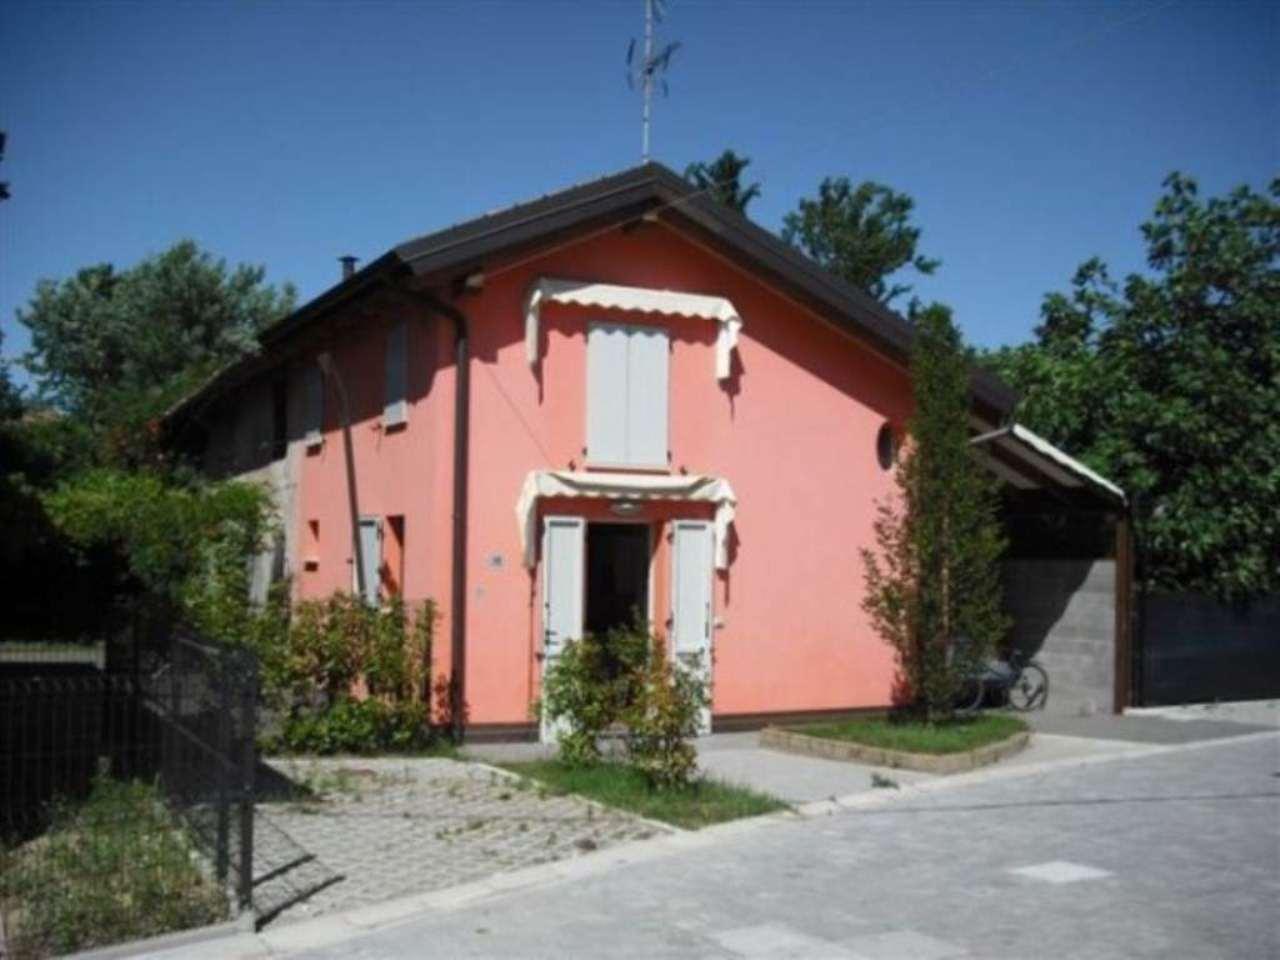 Villa in vendita a San Giovanni in Persiceto, 3 locali, prezzo € 125.000 | Cambio Casa.it